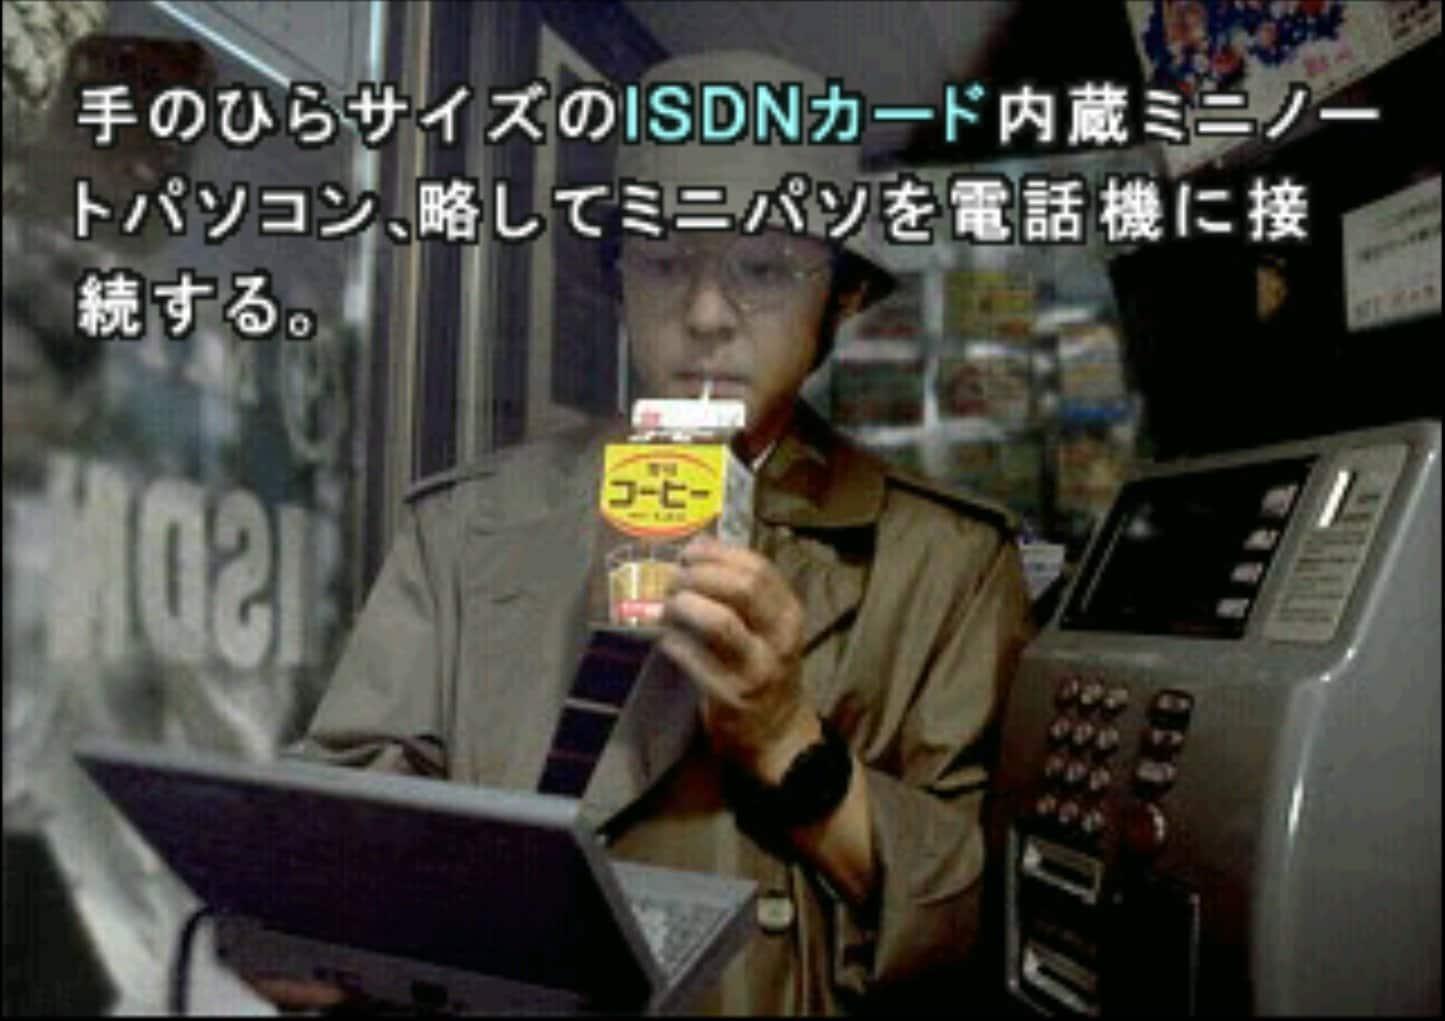 無名時代の窪塚洋介さんも出演、伝説の実写ゲーム『街』の圧倒的見せ方【ヤマグチクエスト・コラム】の画像002